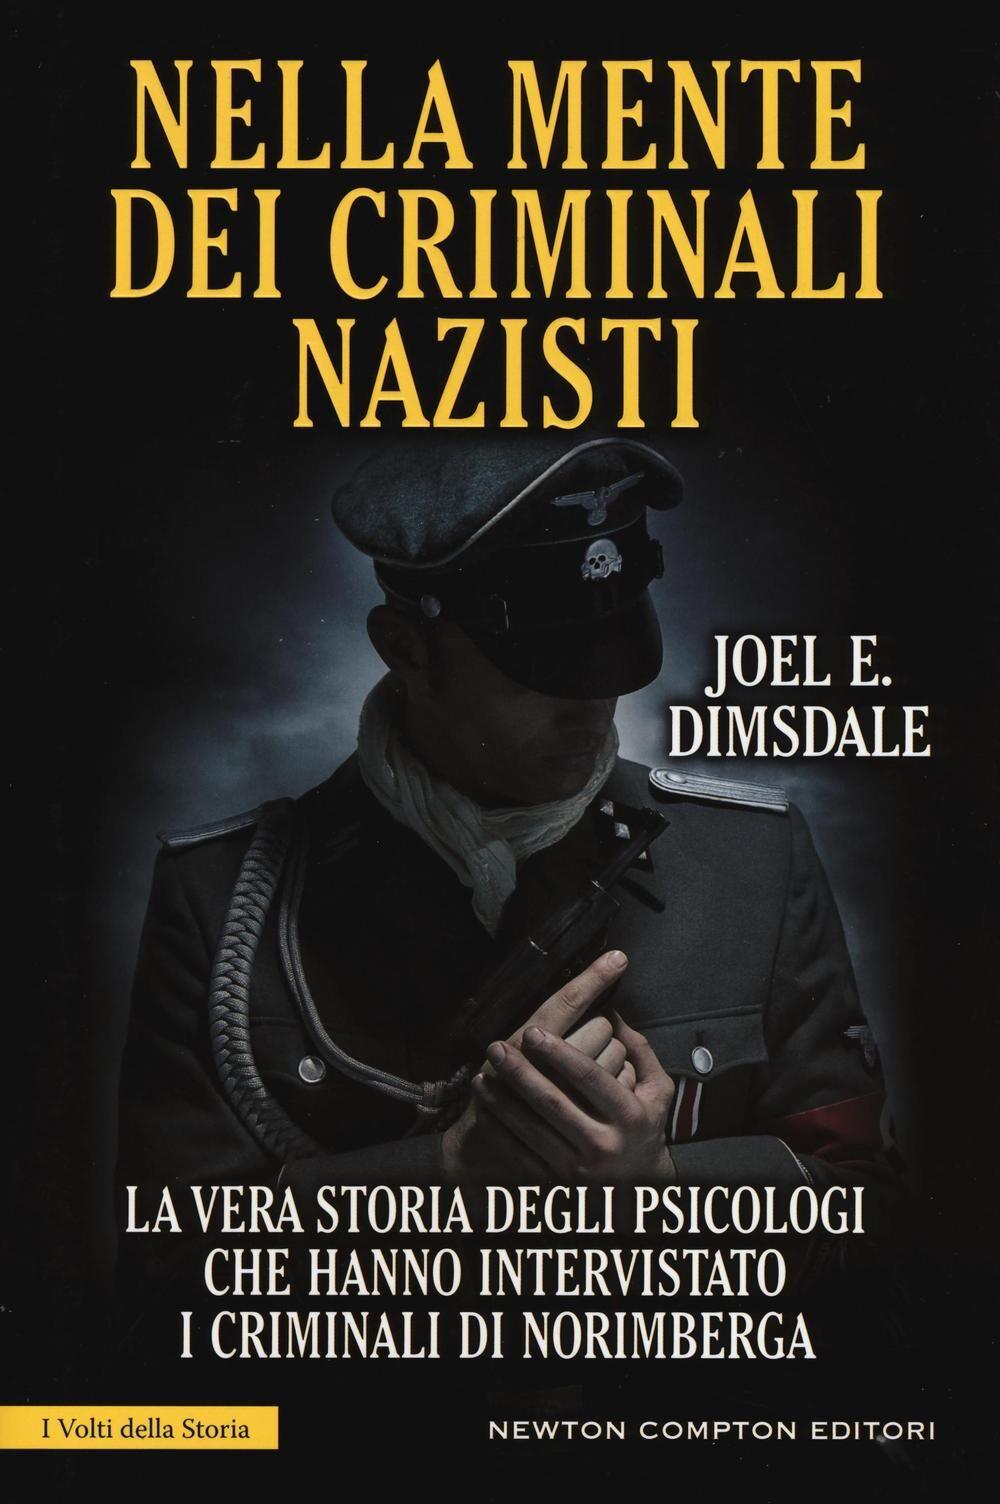 Nella mente dei criminali nazisti